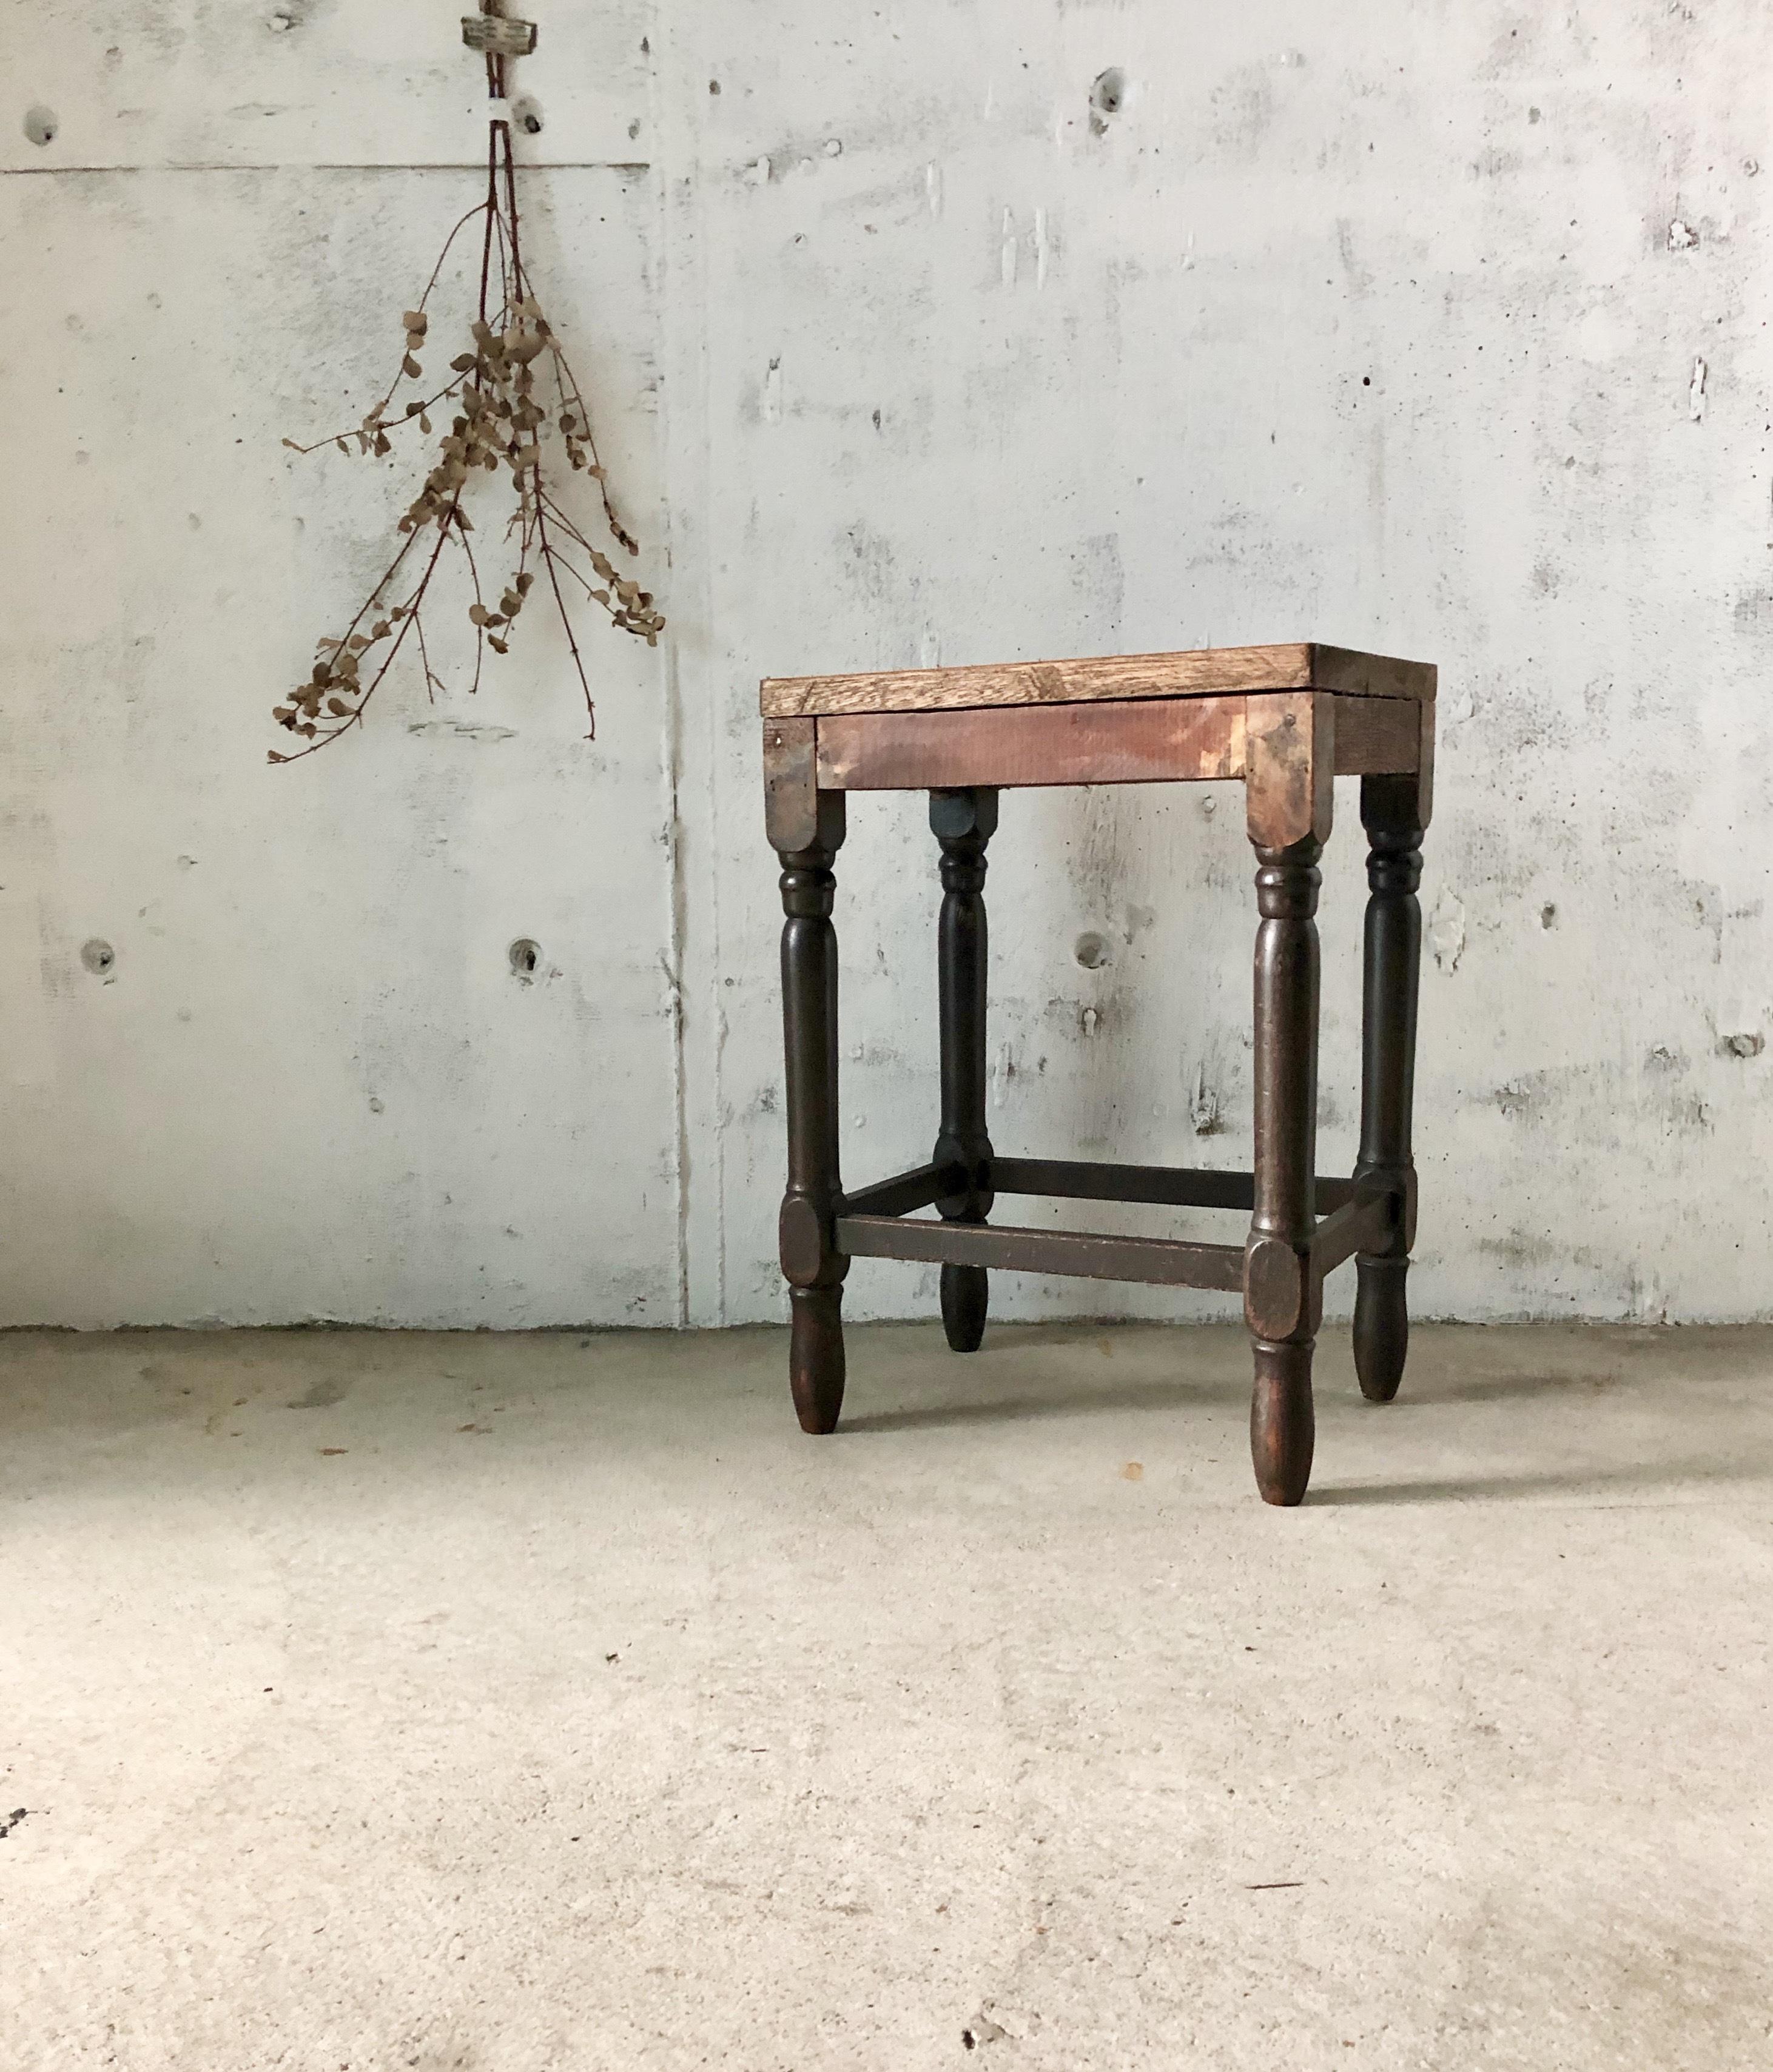 ろくろ脚の木製スツール[古家具]